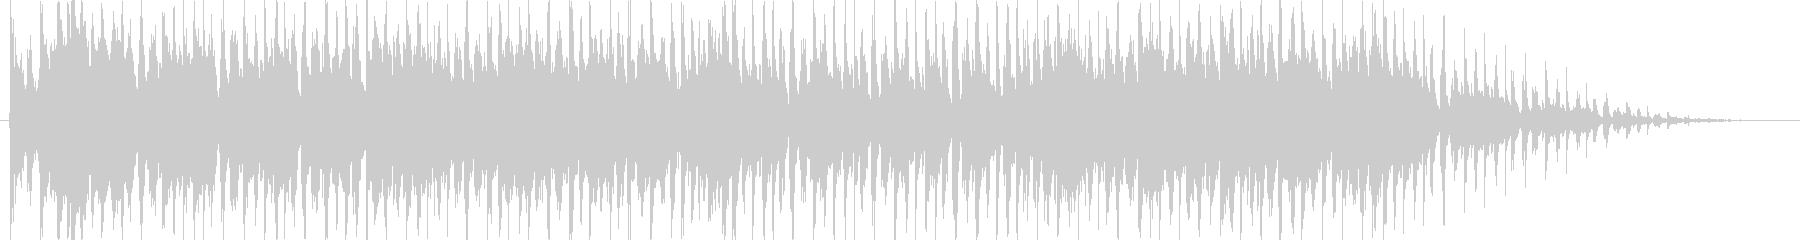 キラキラニャンニャンポップなバンドの未再生の波形